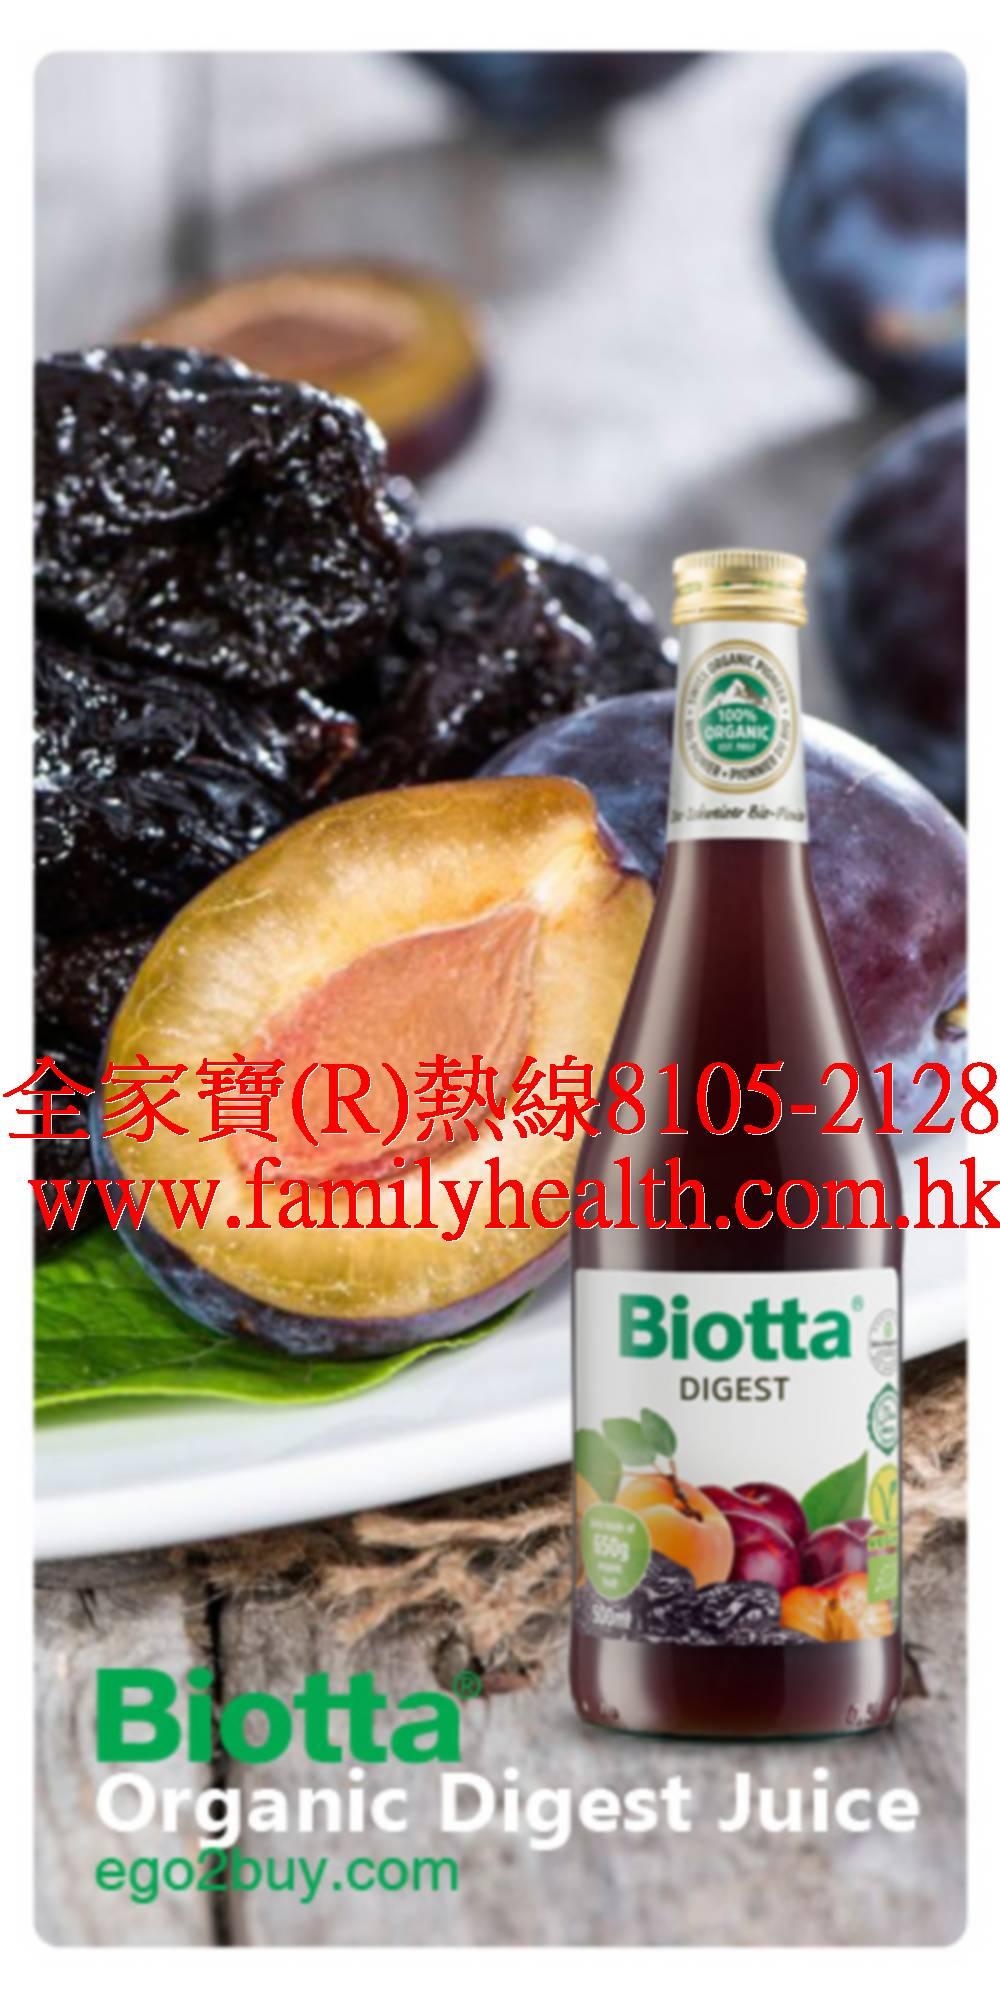 http://www.familyhealth.com.hk/files/full/952_2.jpg